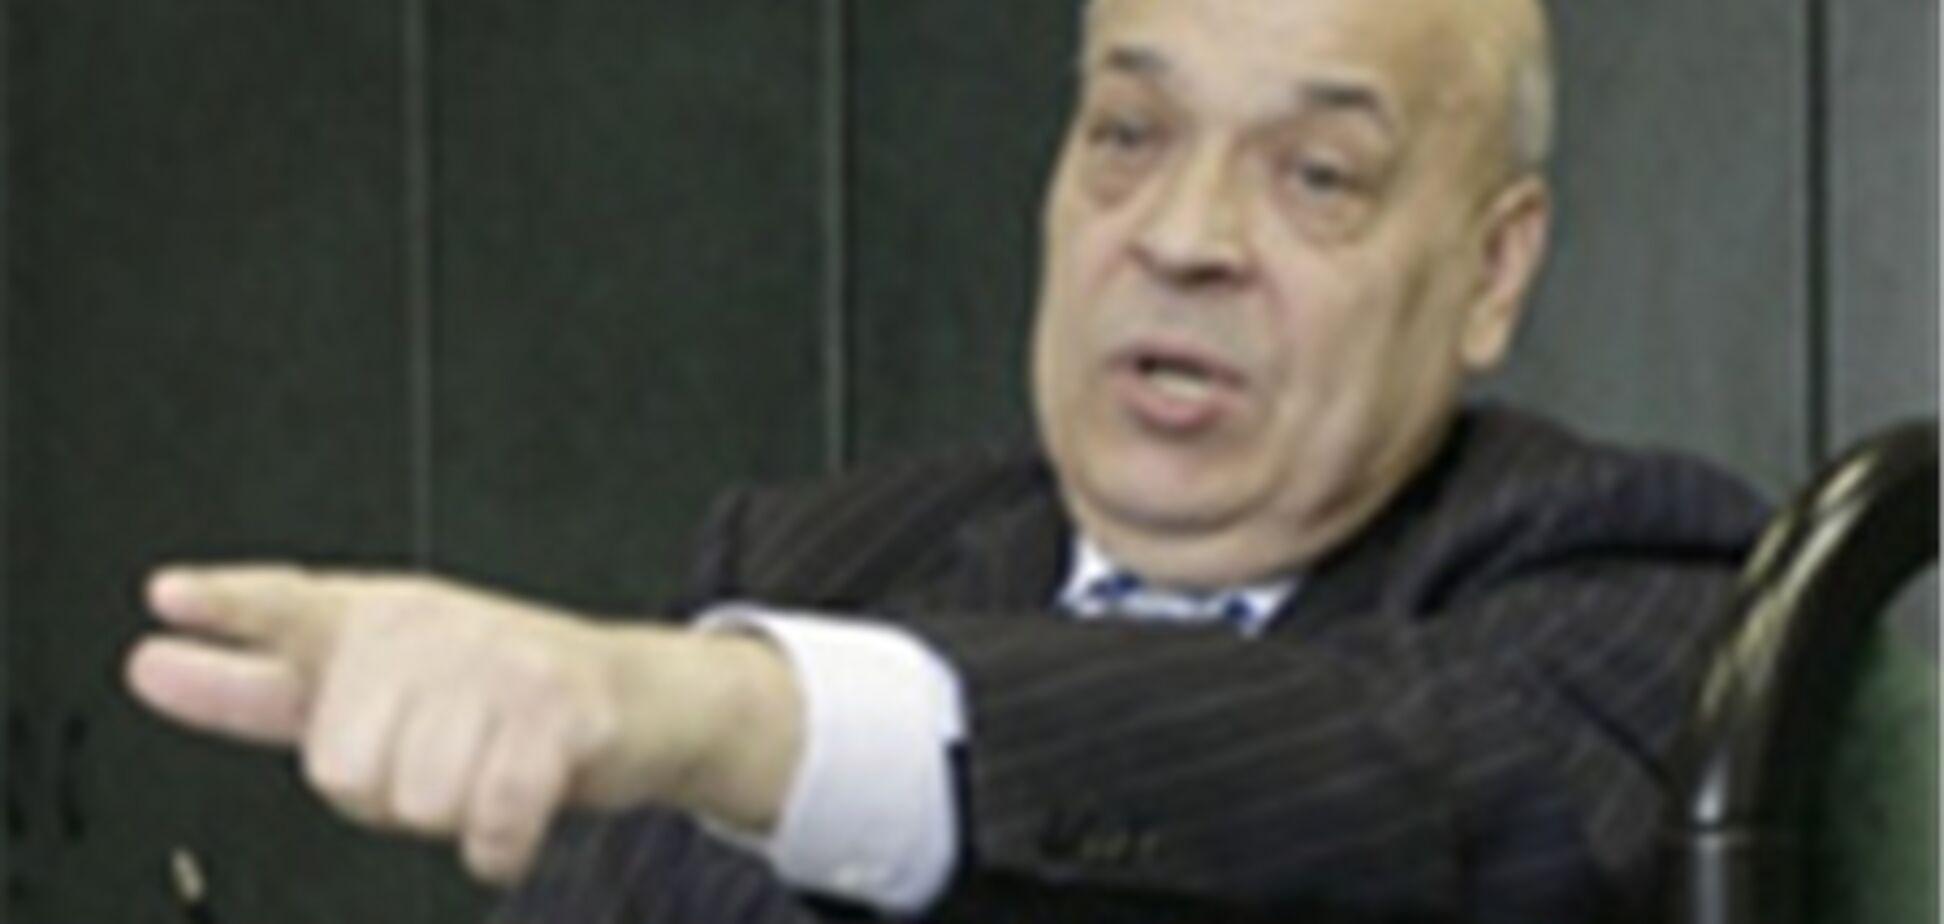 Банда Дикаева продолжает убивать в Украине, сообщил Москаль